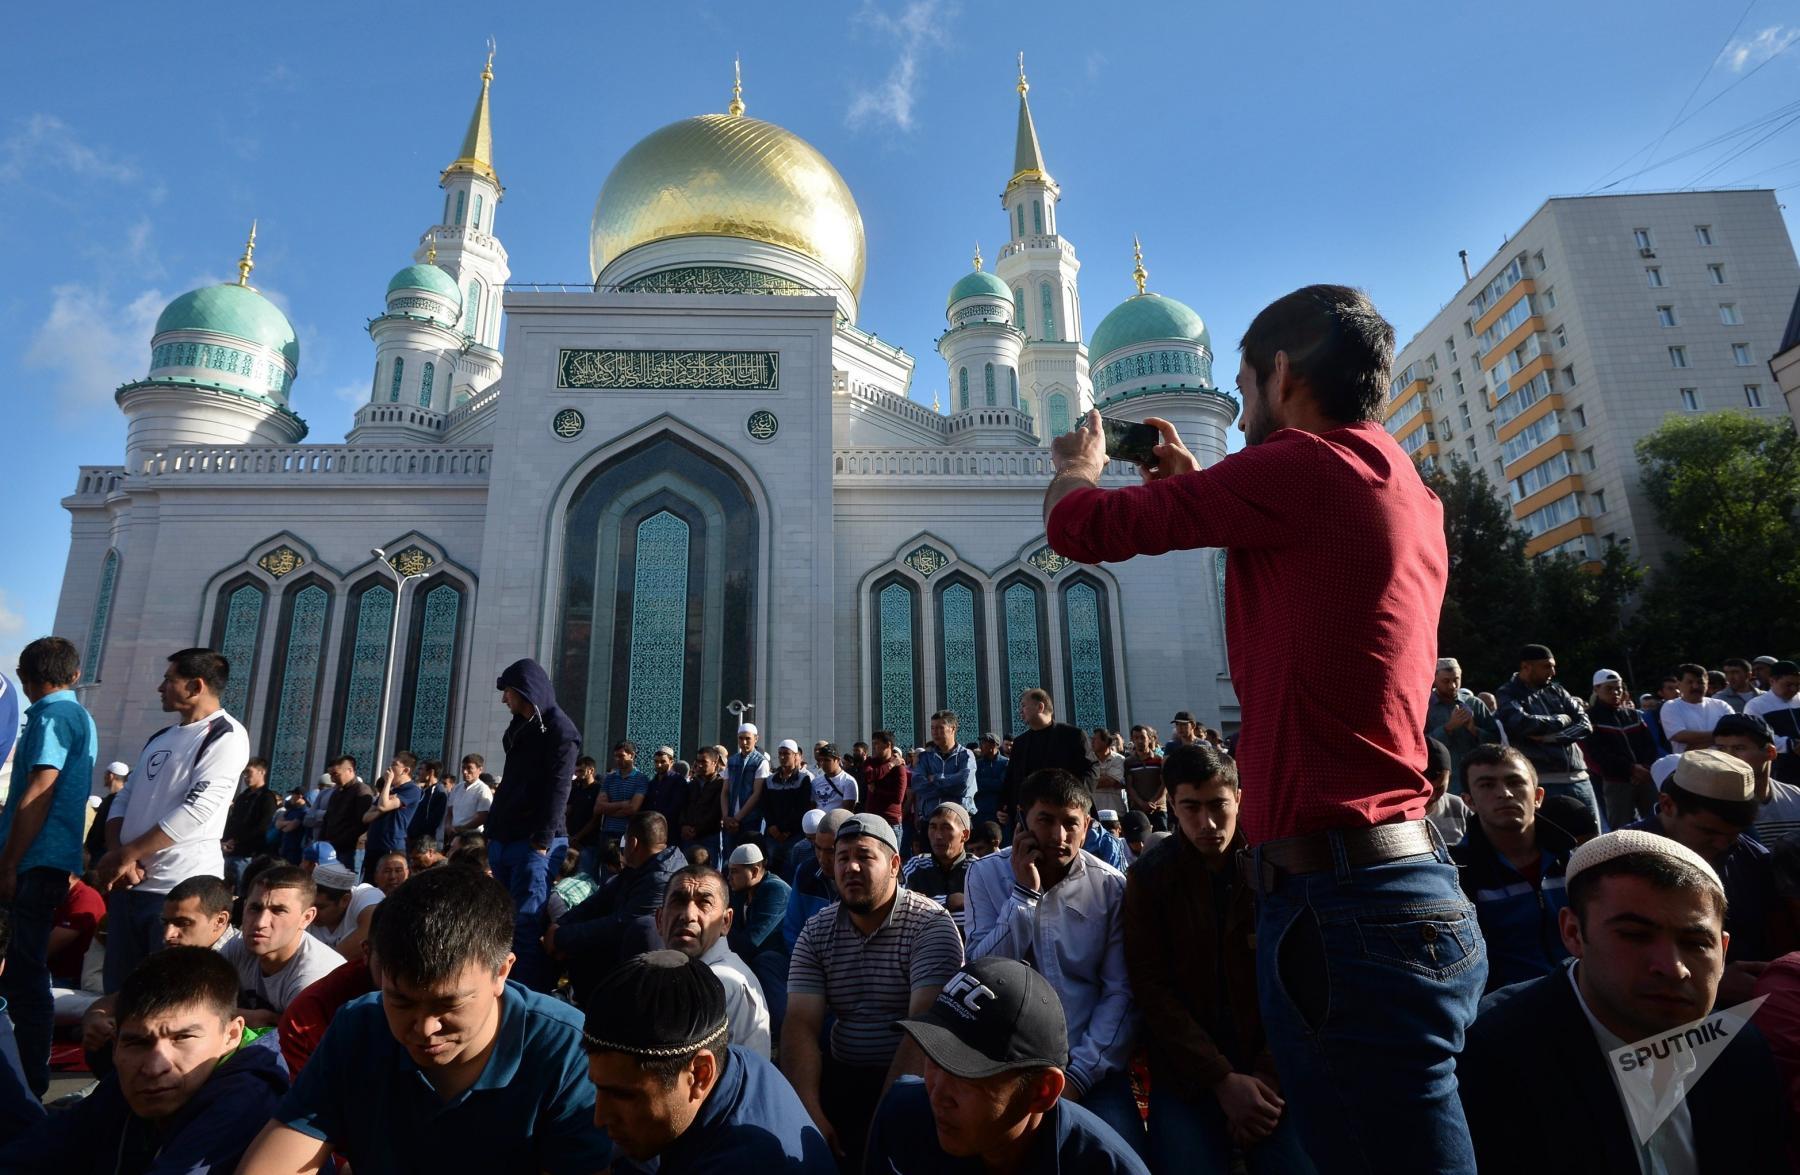 Фото Рамадан 2021: начало священного поста мусульман, сроки и жестоко карающие запреты 2